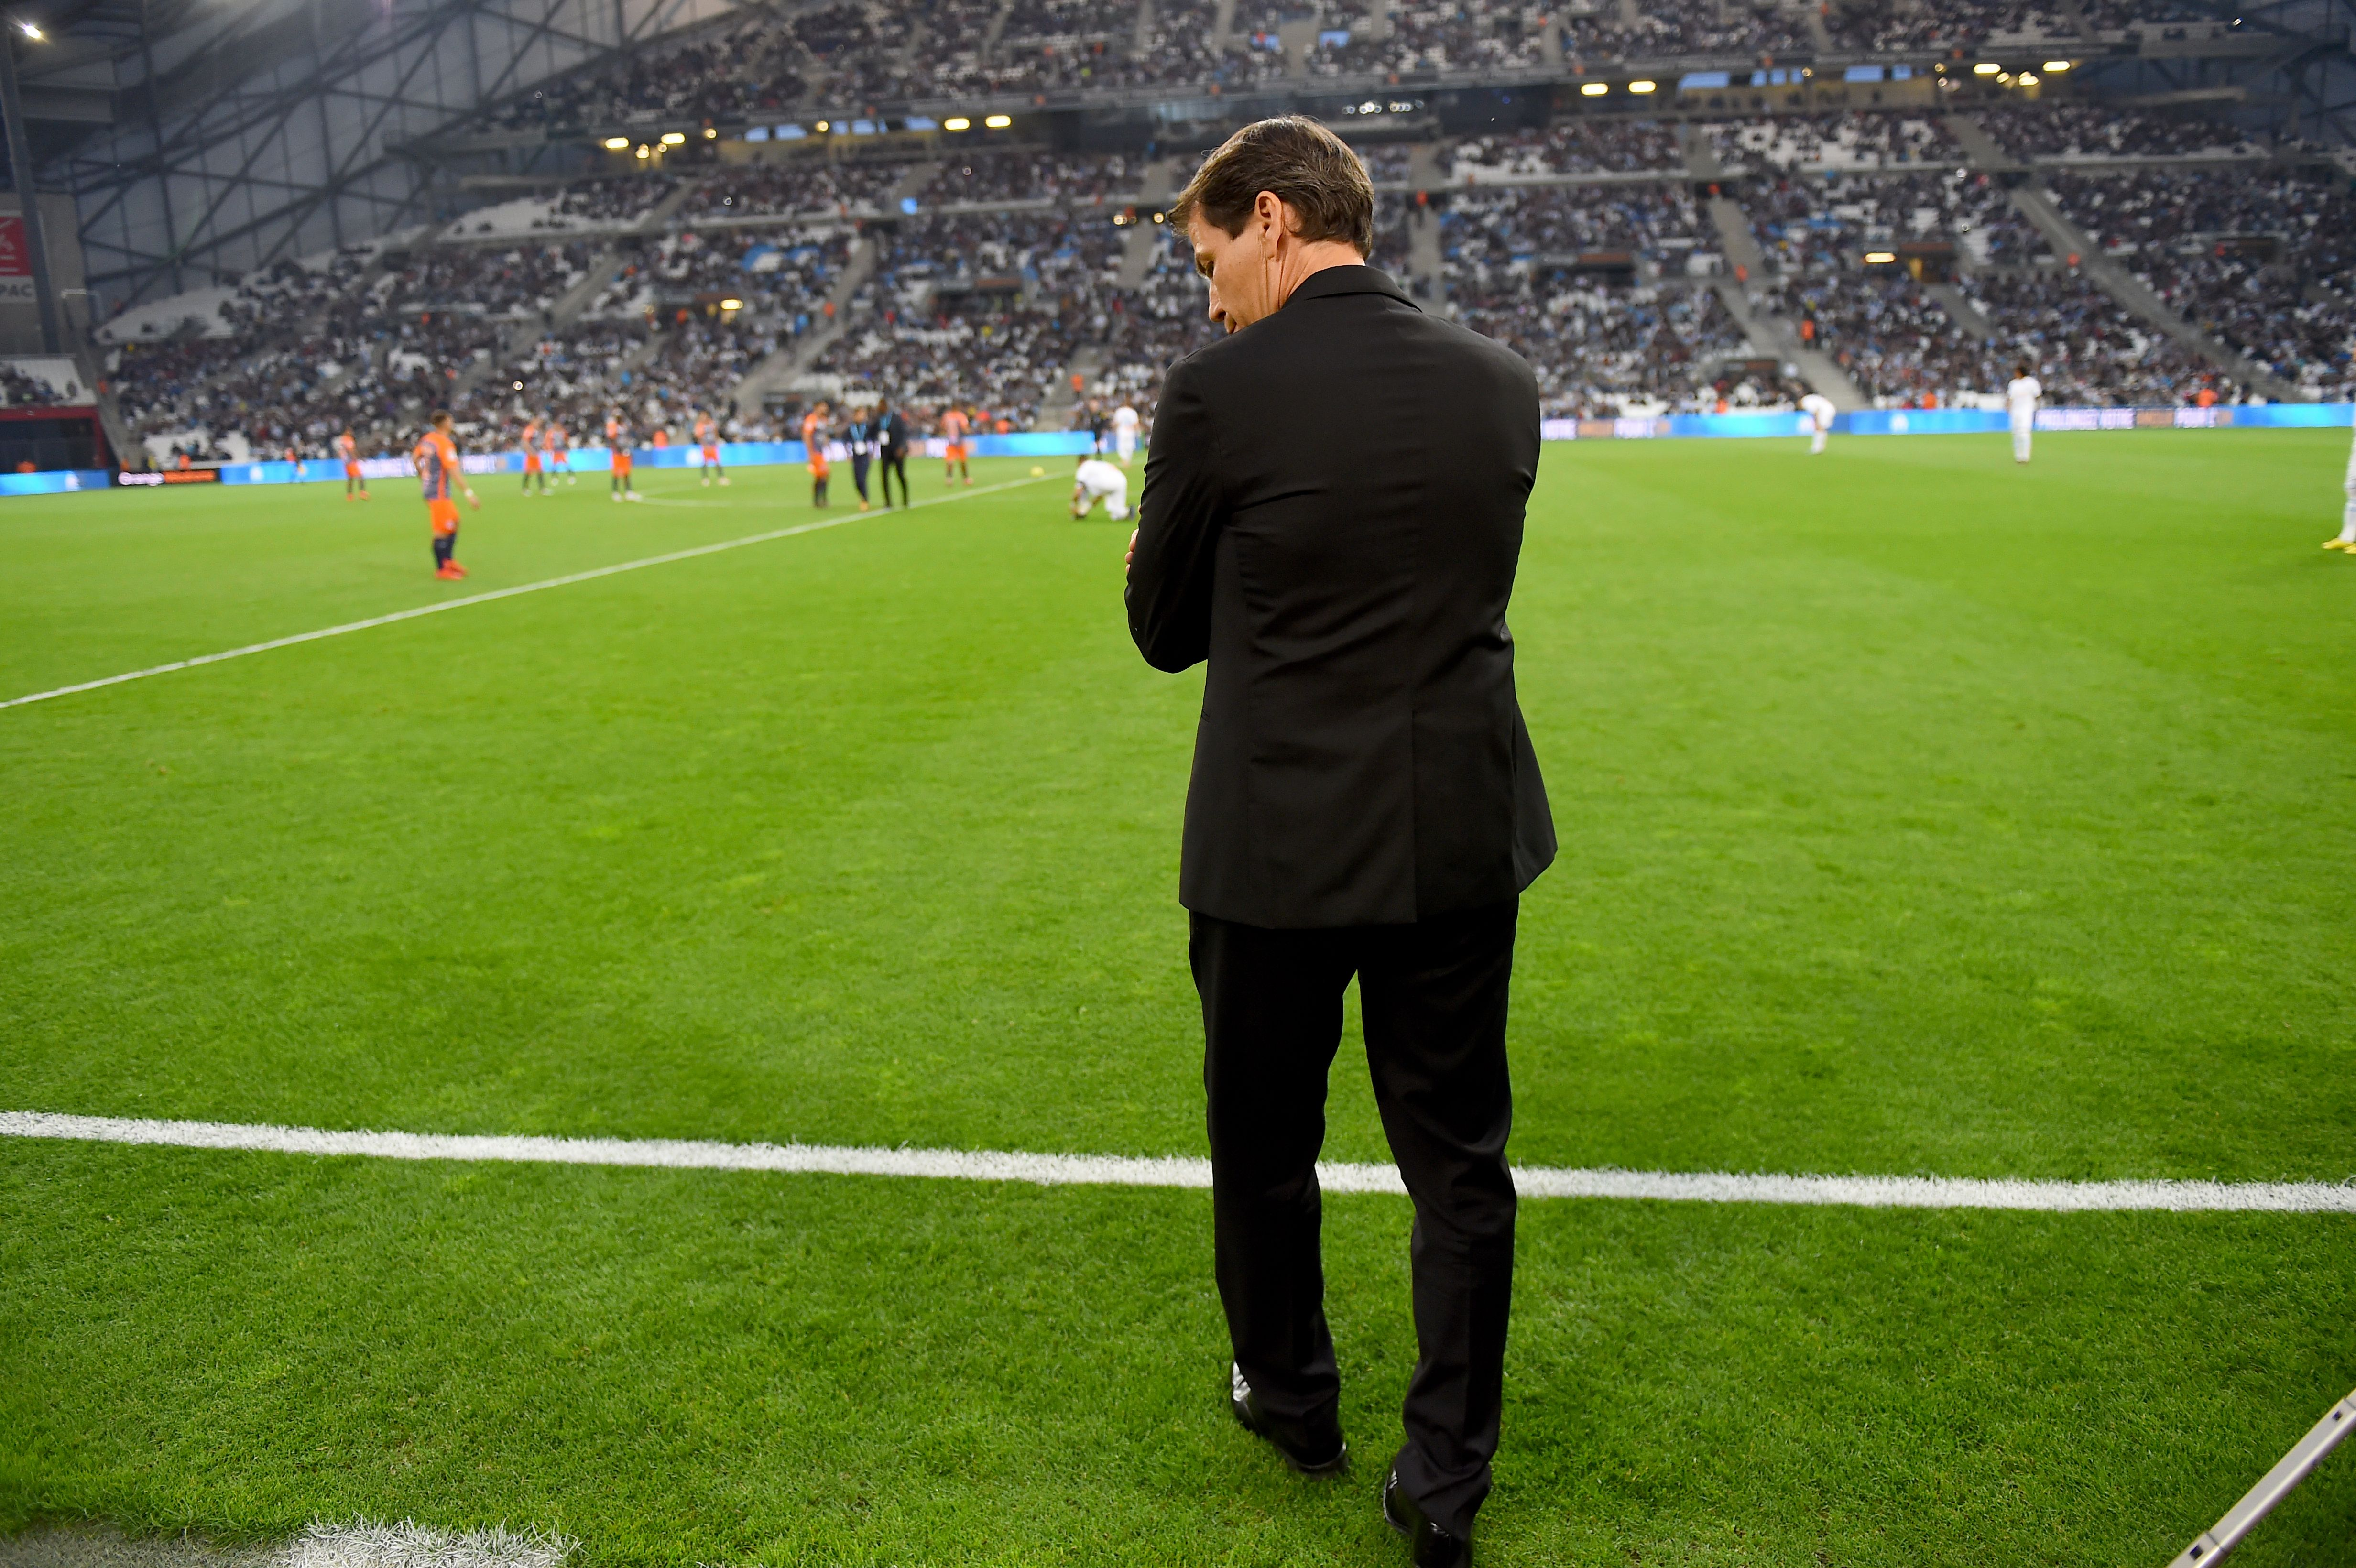 Ligue 1 - Marseille-Montpellier (1-0) : Garcia et l'OM finissent sur une bonne note